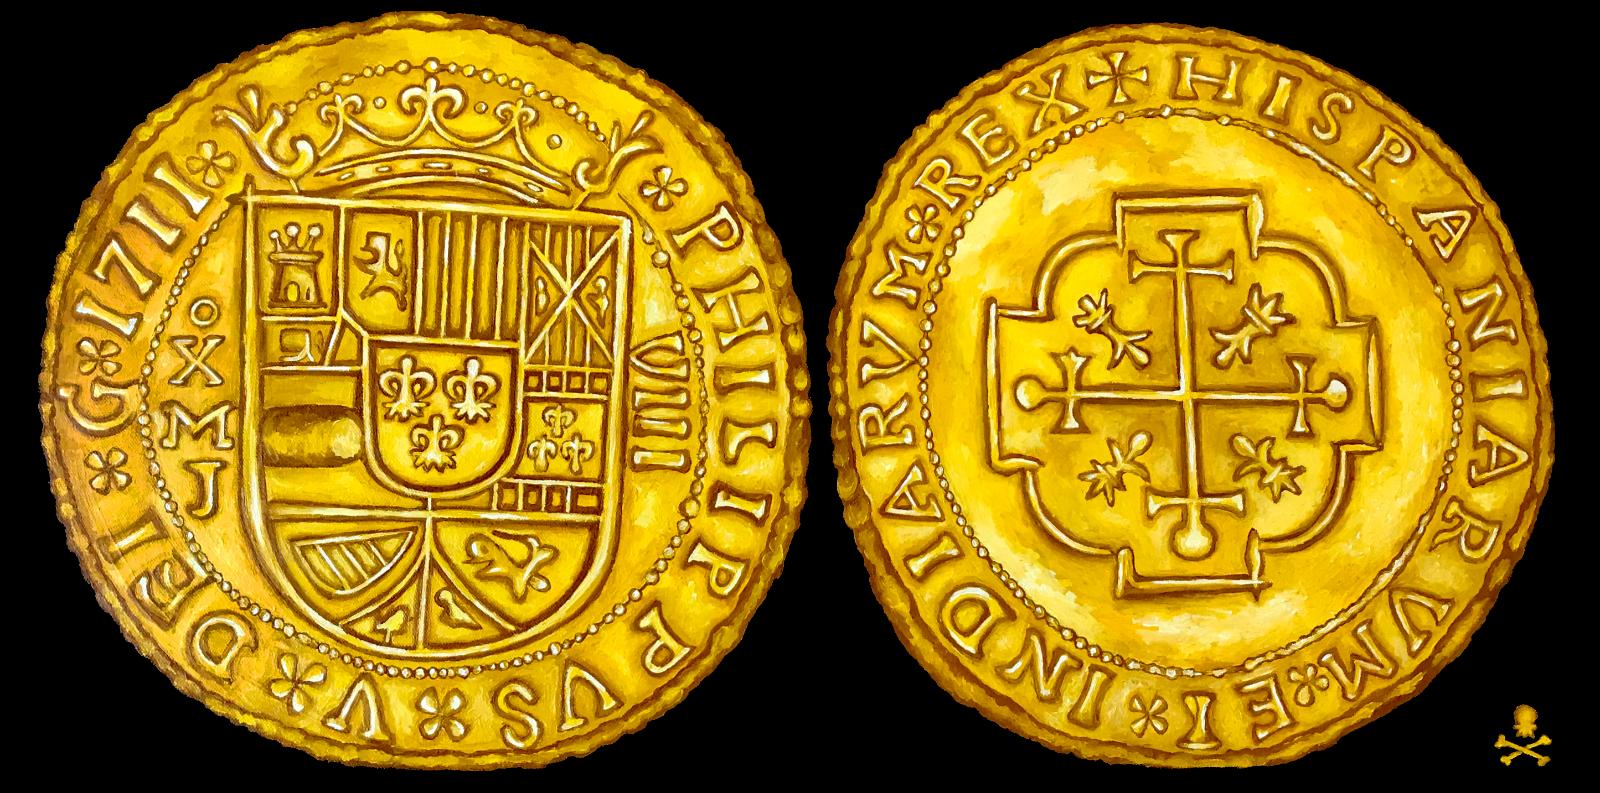 """PAINTING (NOT COIN): MEXICO 1711 ROYAL """"FLEET SHIPWRECK"""" ESCUDOS  GOLD TREASURE"""